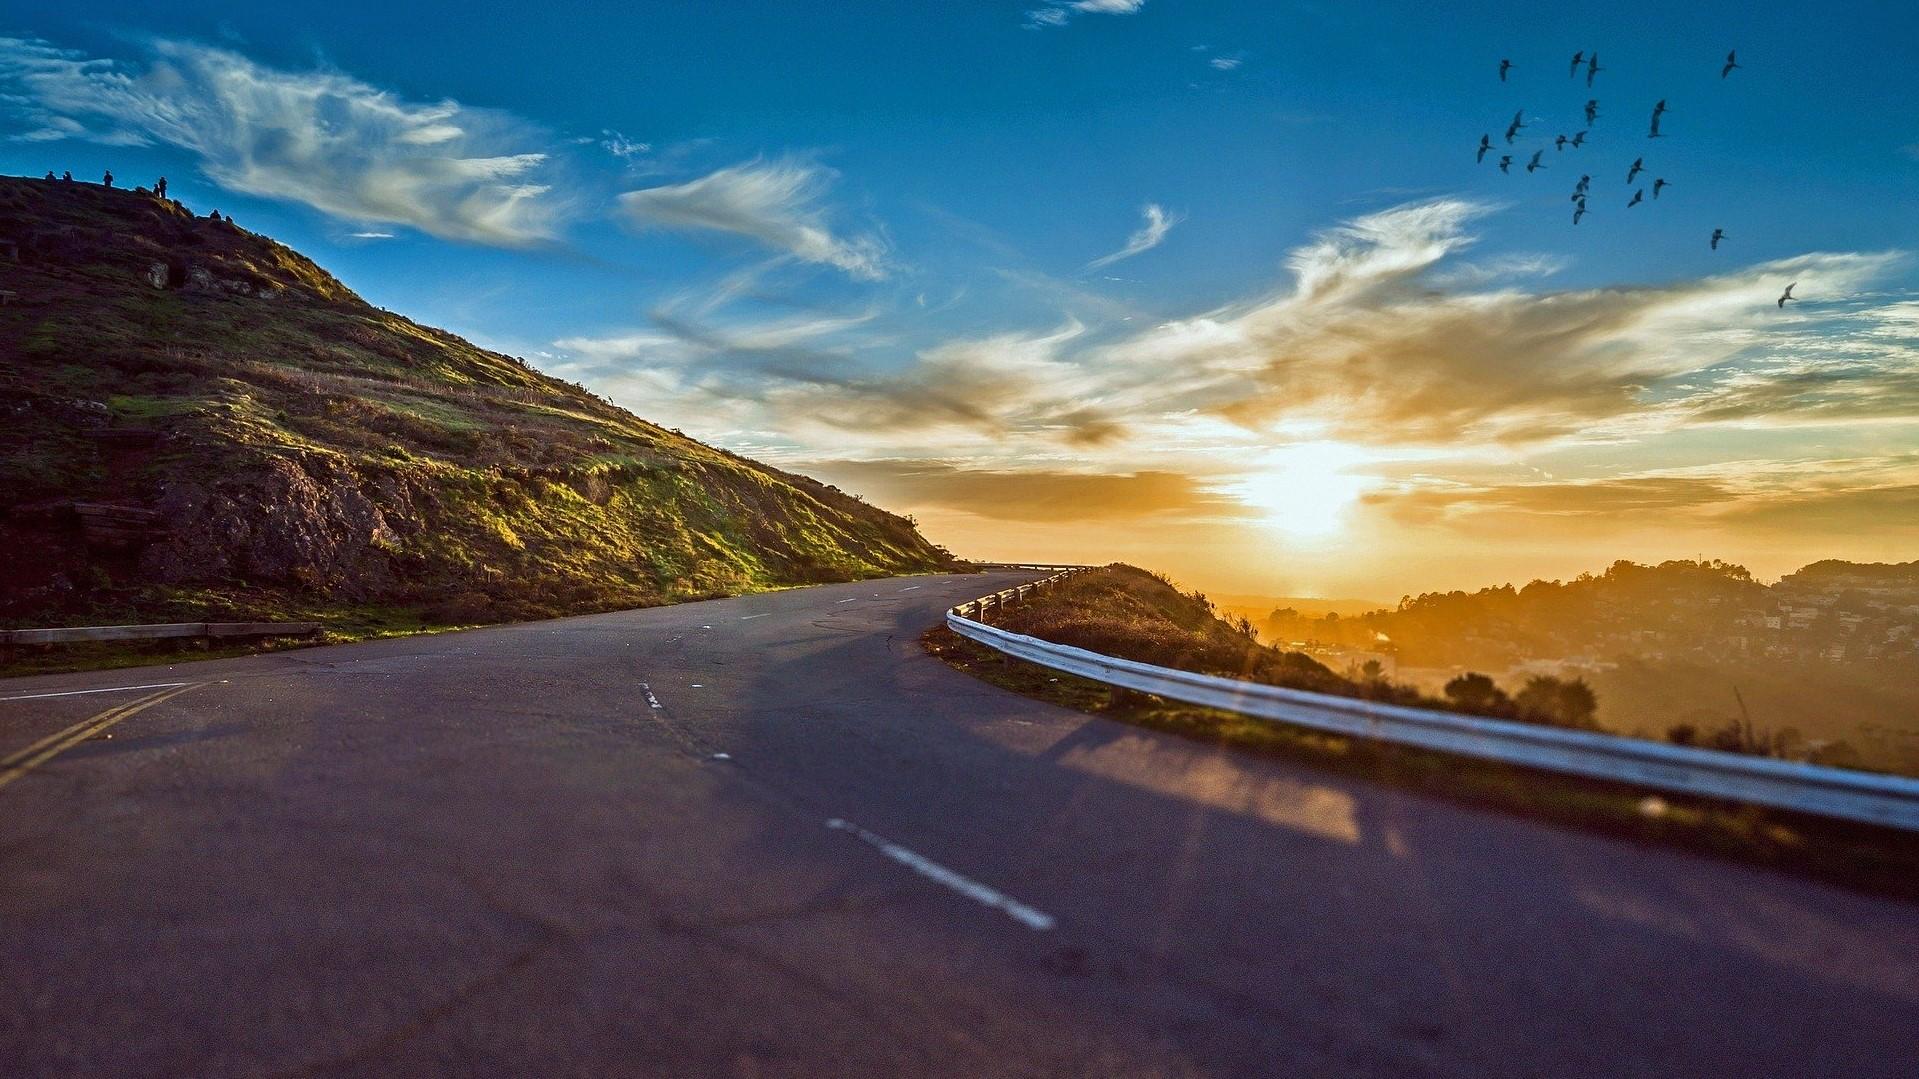 Een weg in de bergen. Halverwege de weg naar mijn doelen